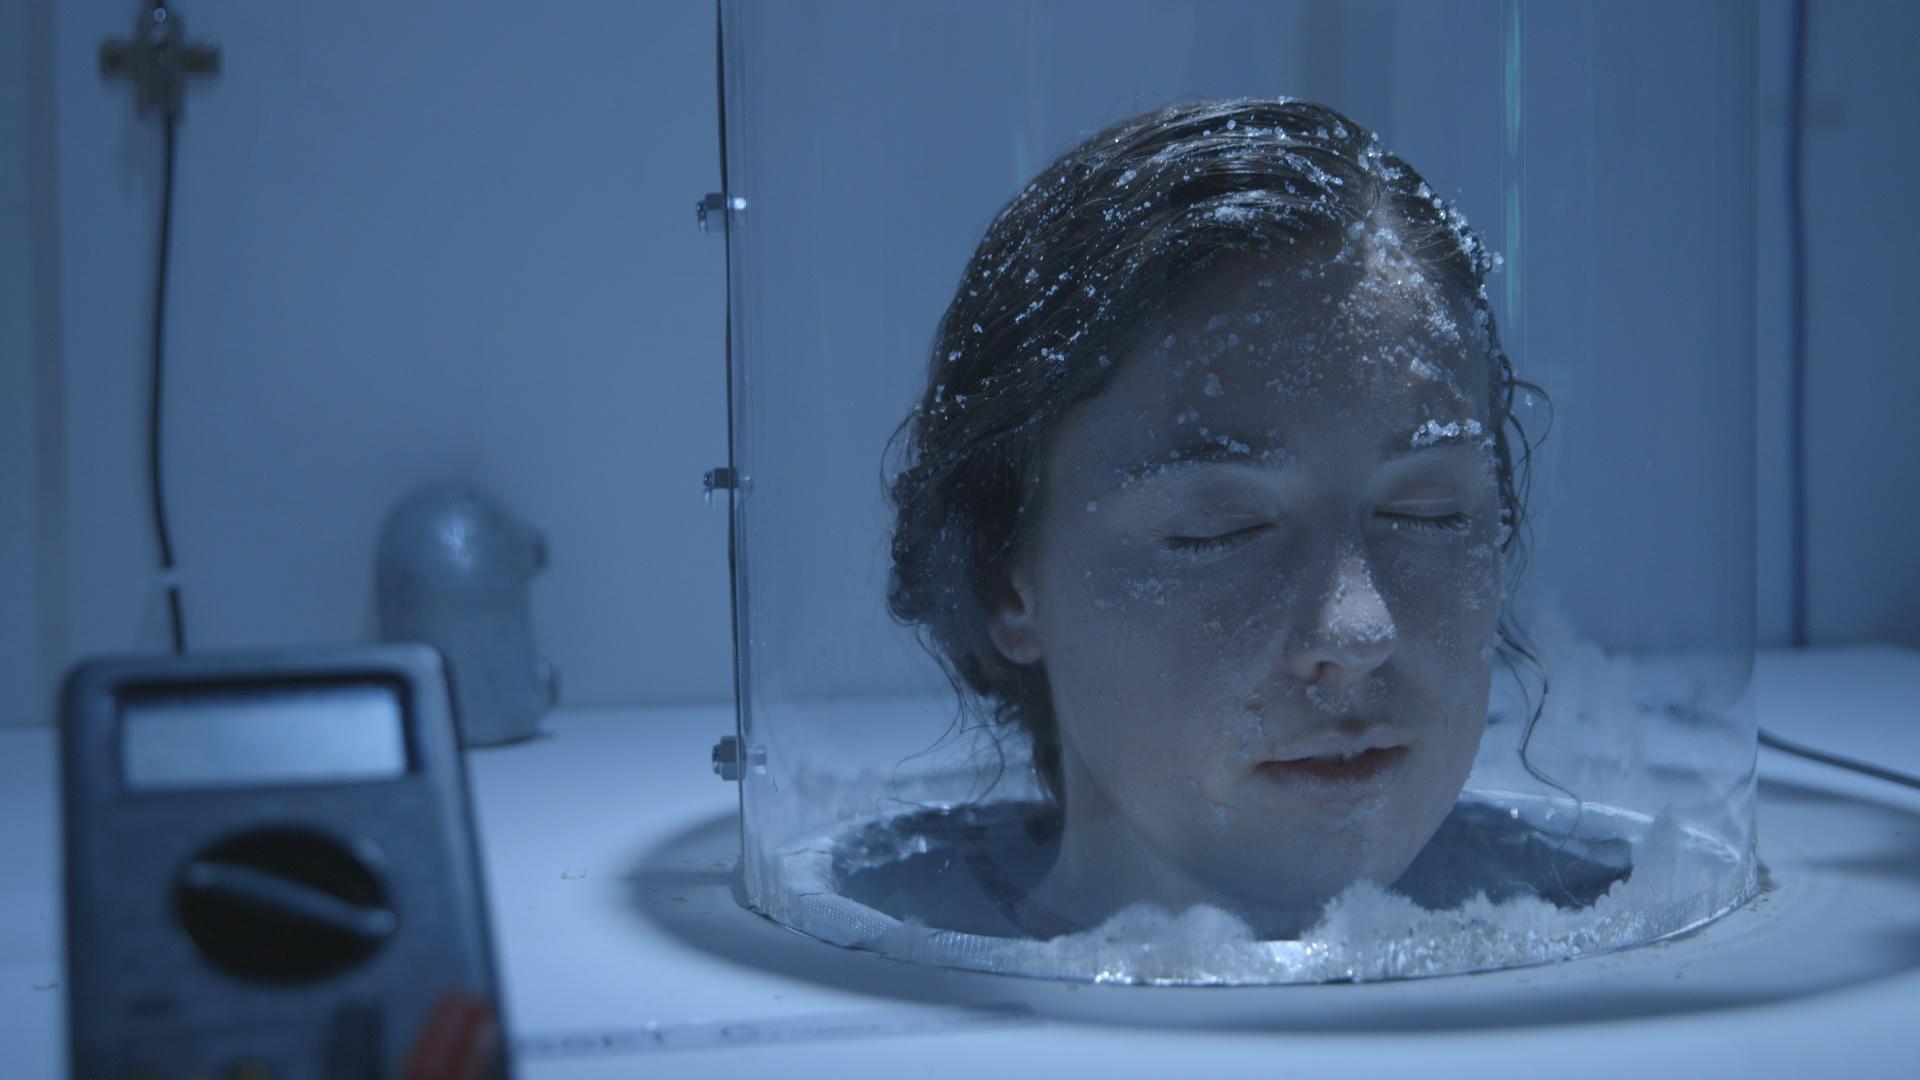 Still from short film M.I.C.R.A.D